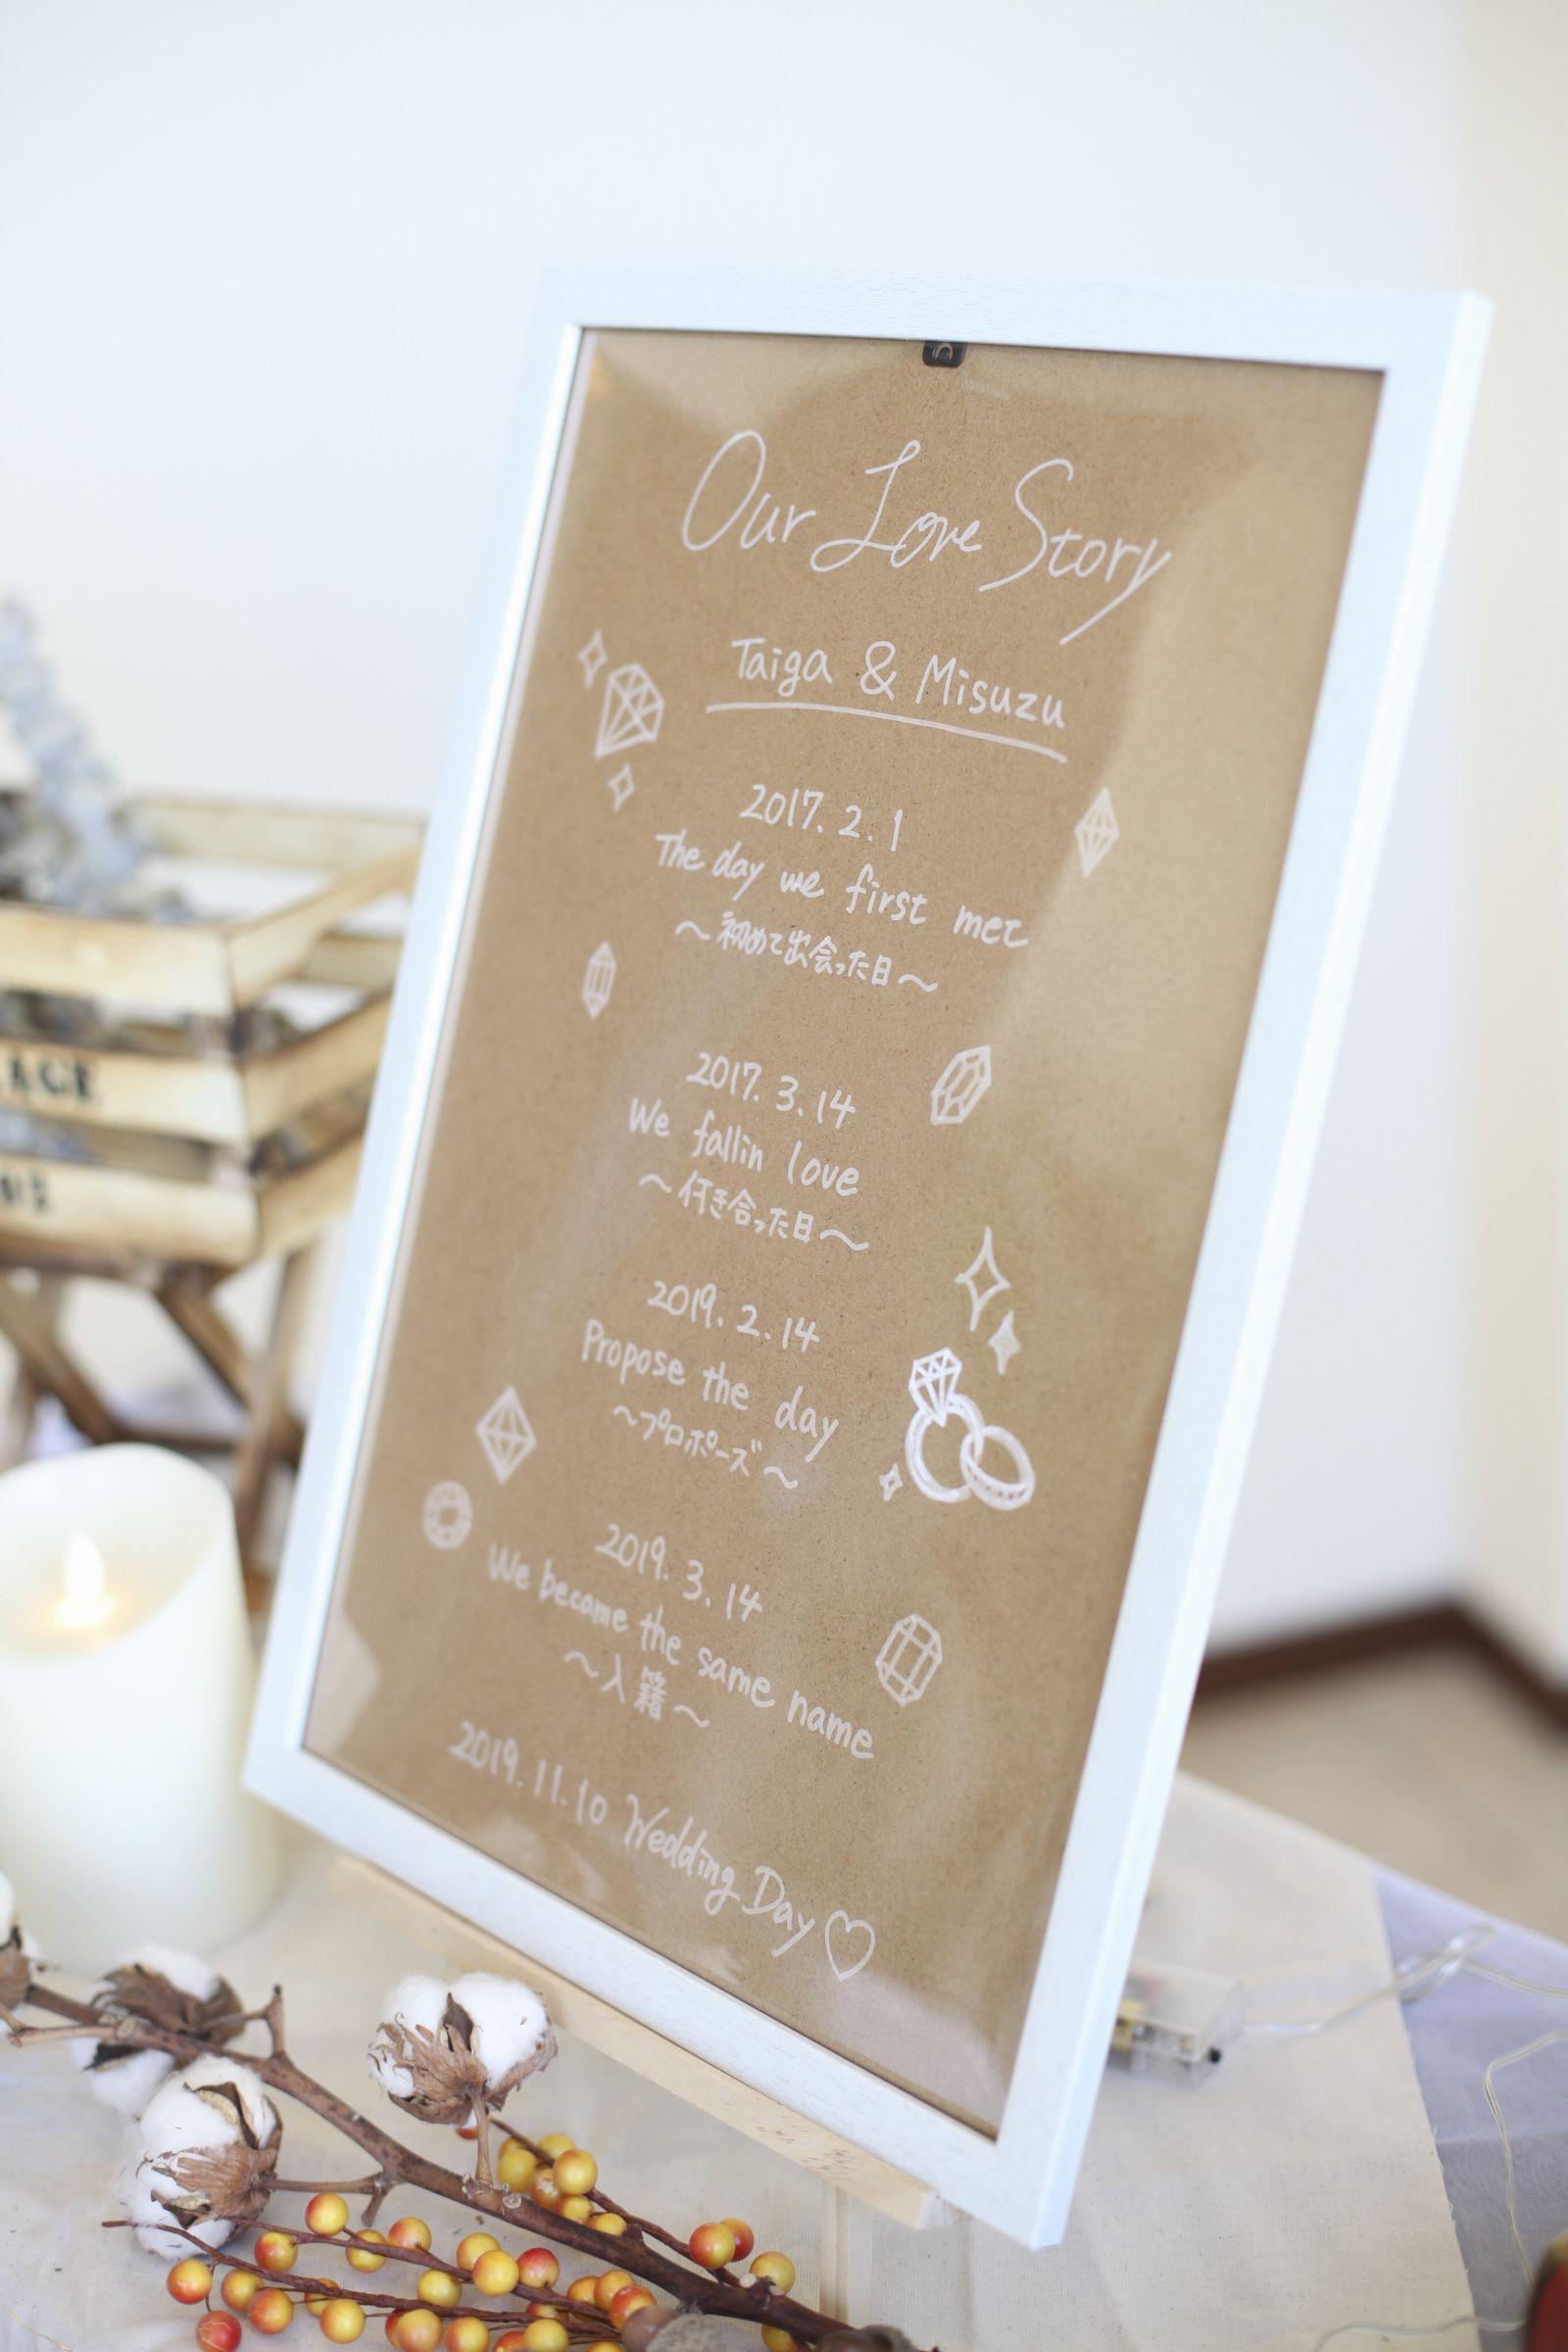 徳島市の結婚式場ブランアンジュで出会ってからの2人のLove Storyをデザインしたウェルカムボード